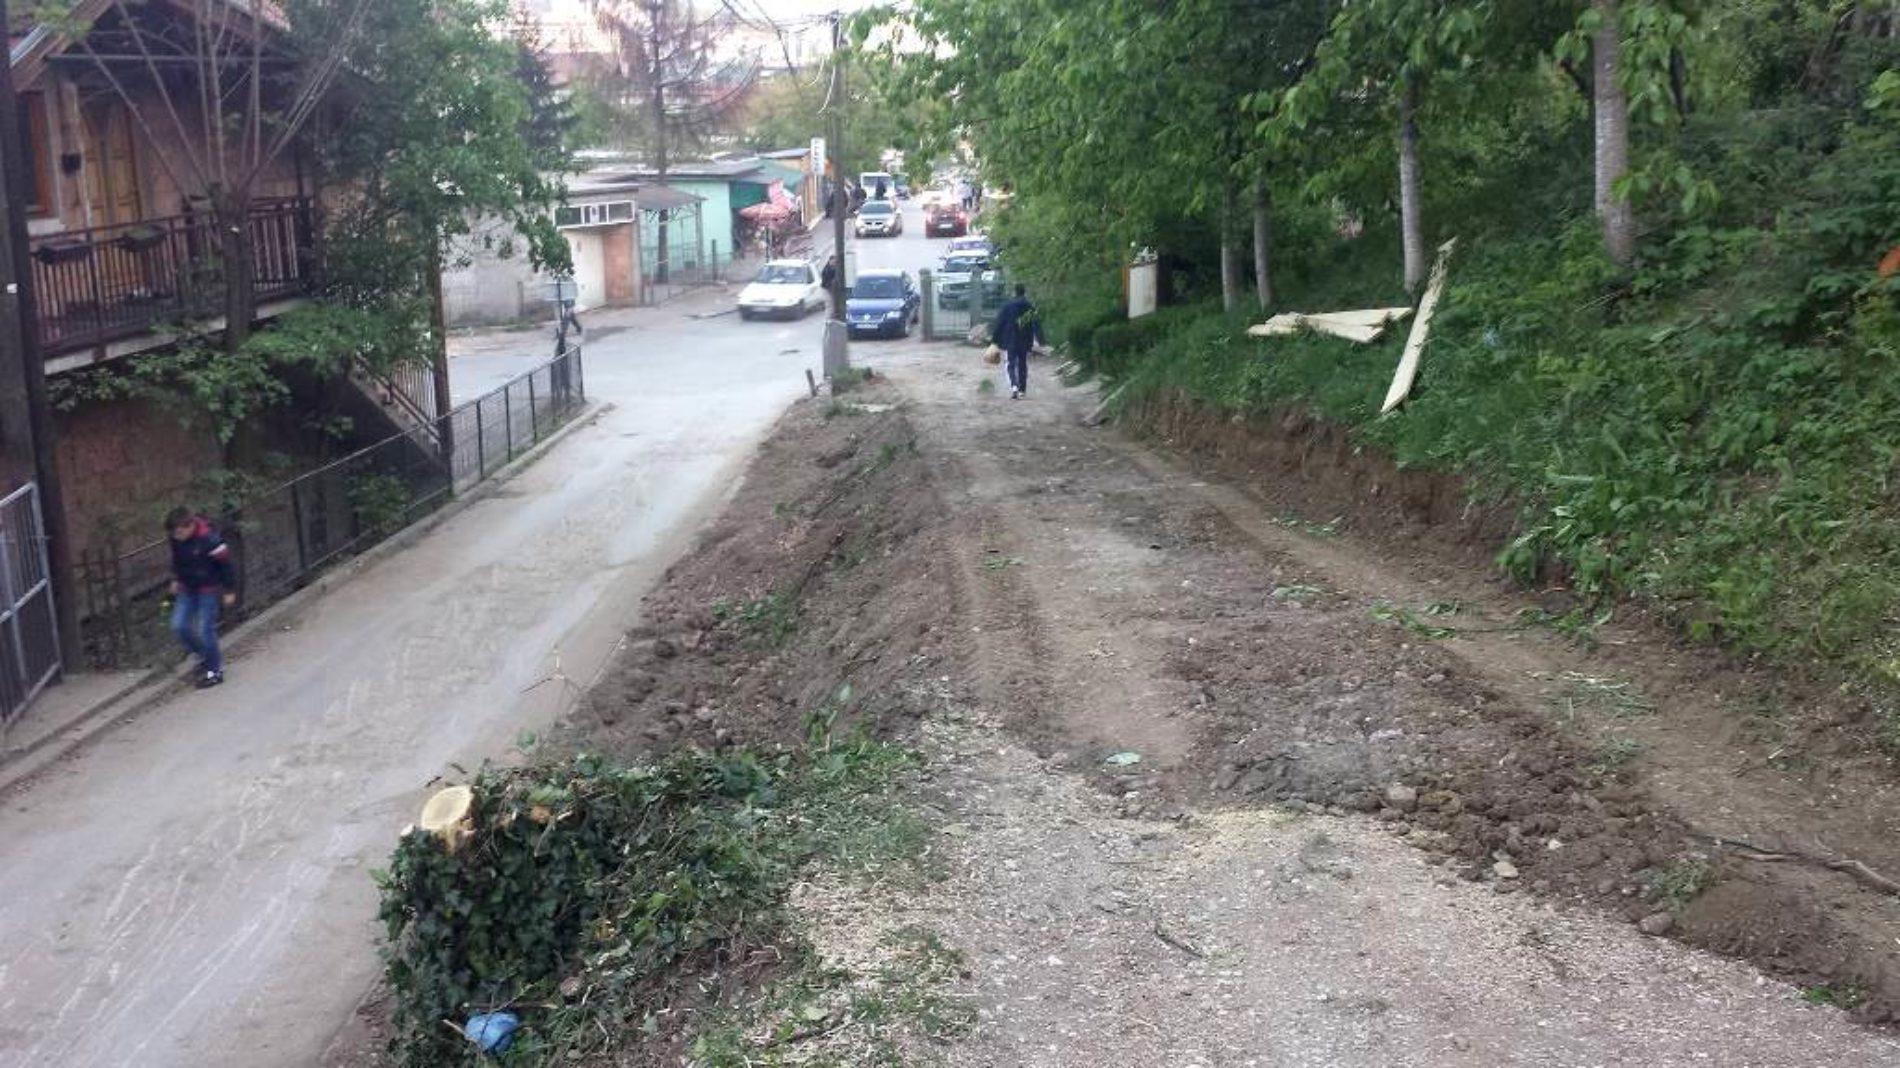 Sarajevo: Mještanin naselja poklonio zemljište Opštini u cilju proširenja ulice